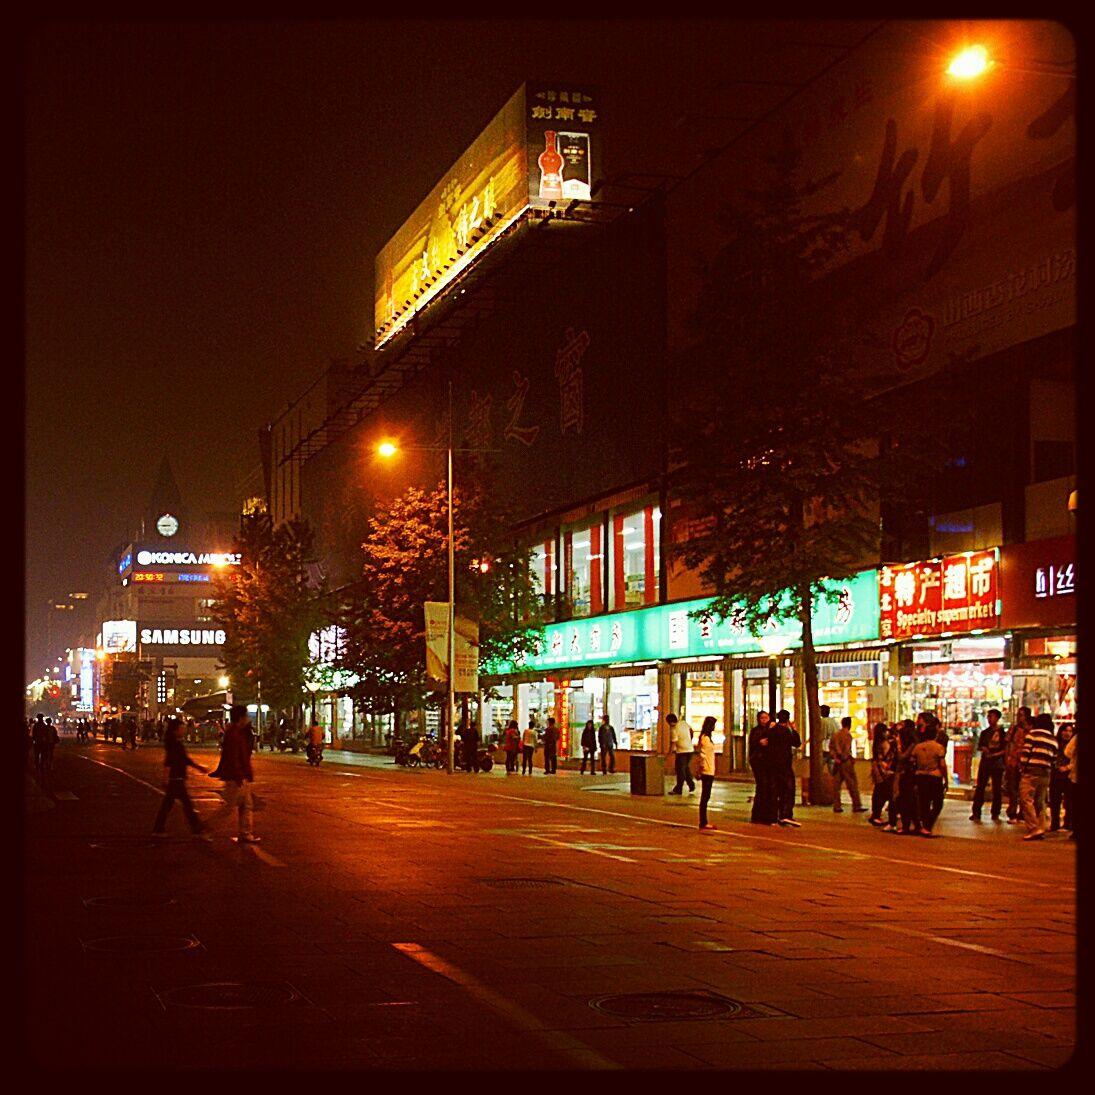 Wangfujing street in Bejing.